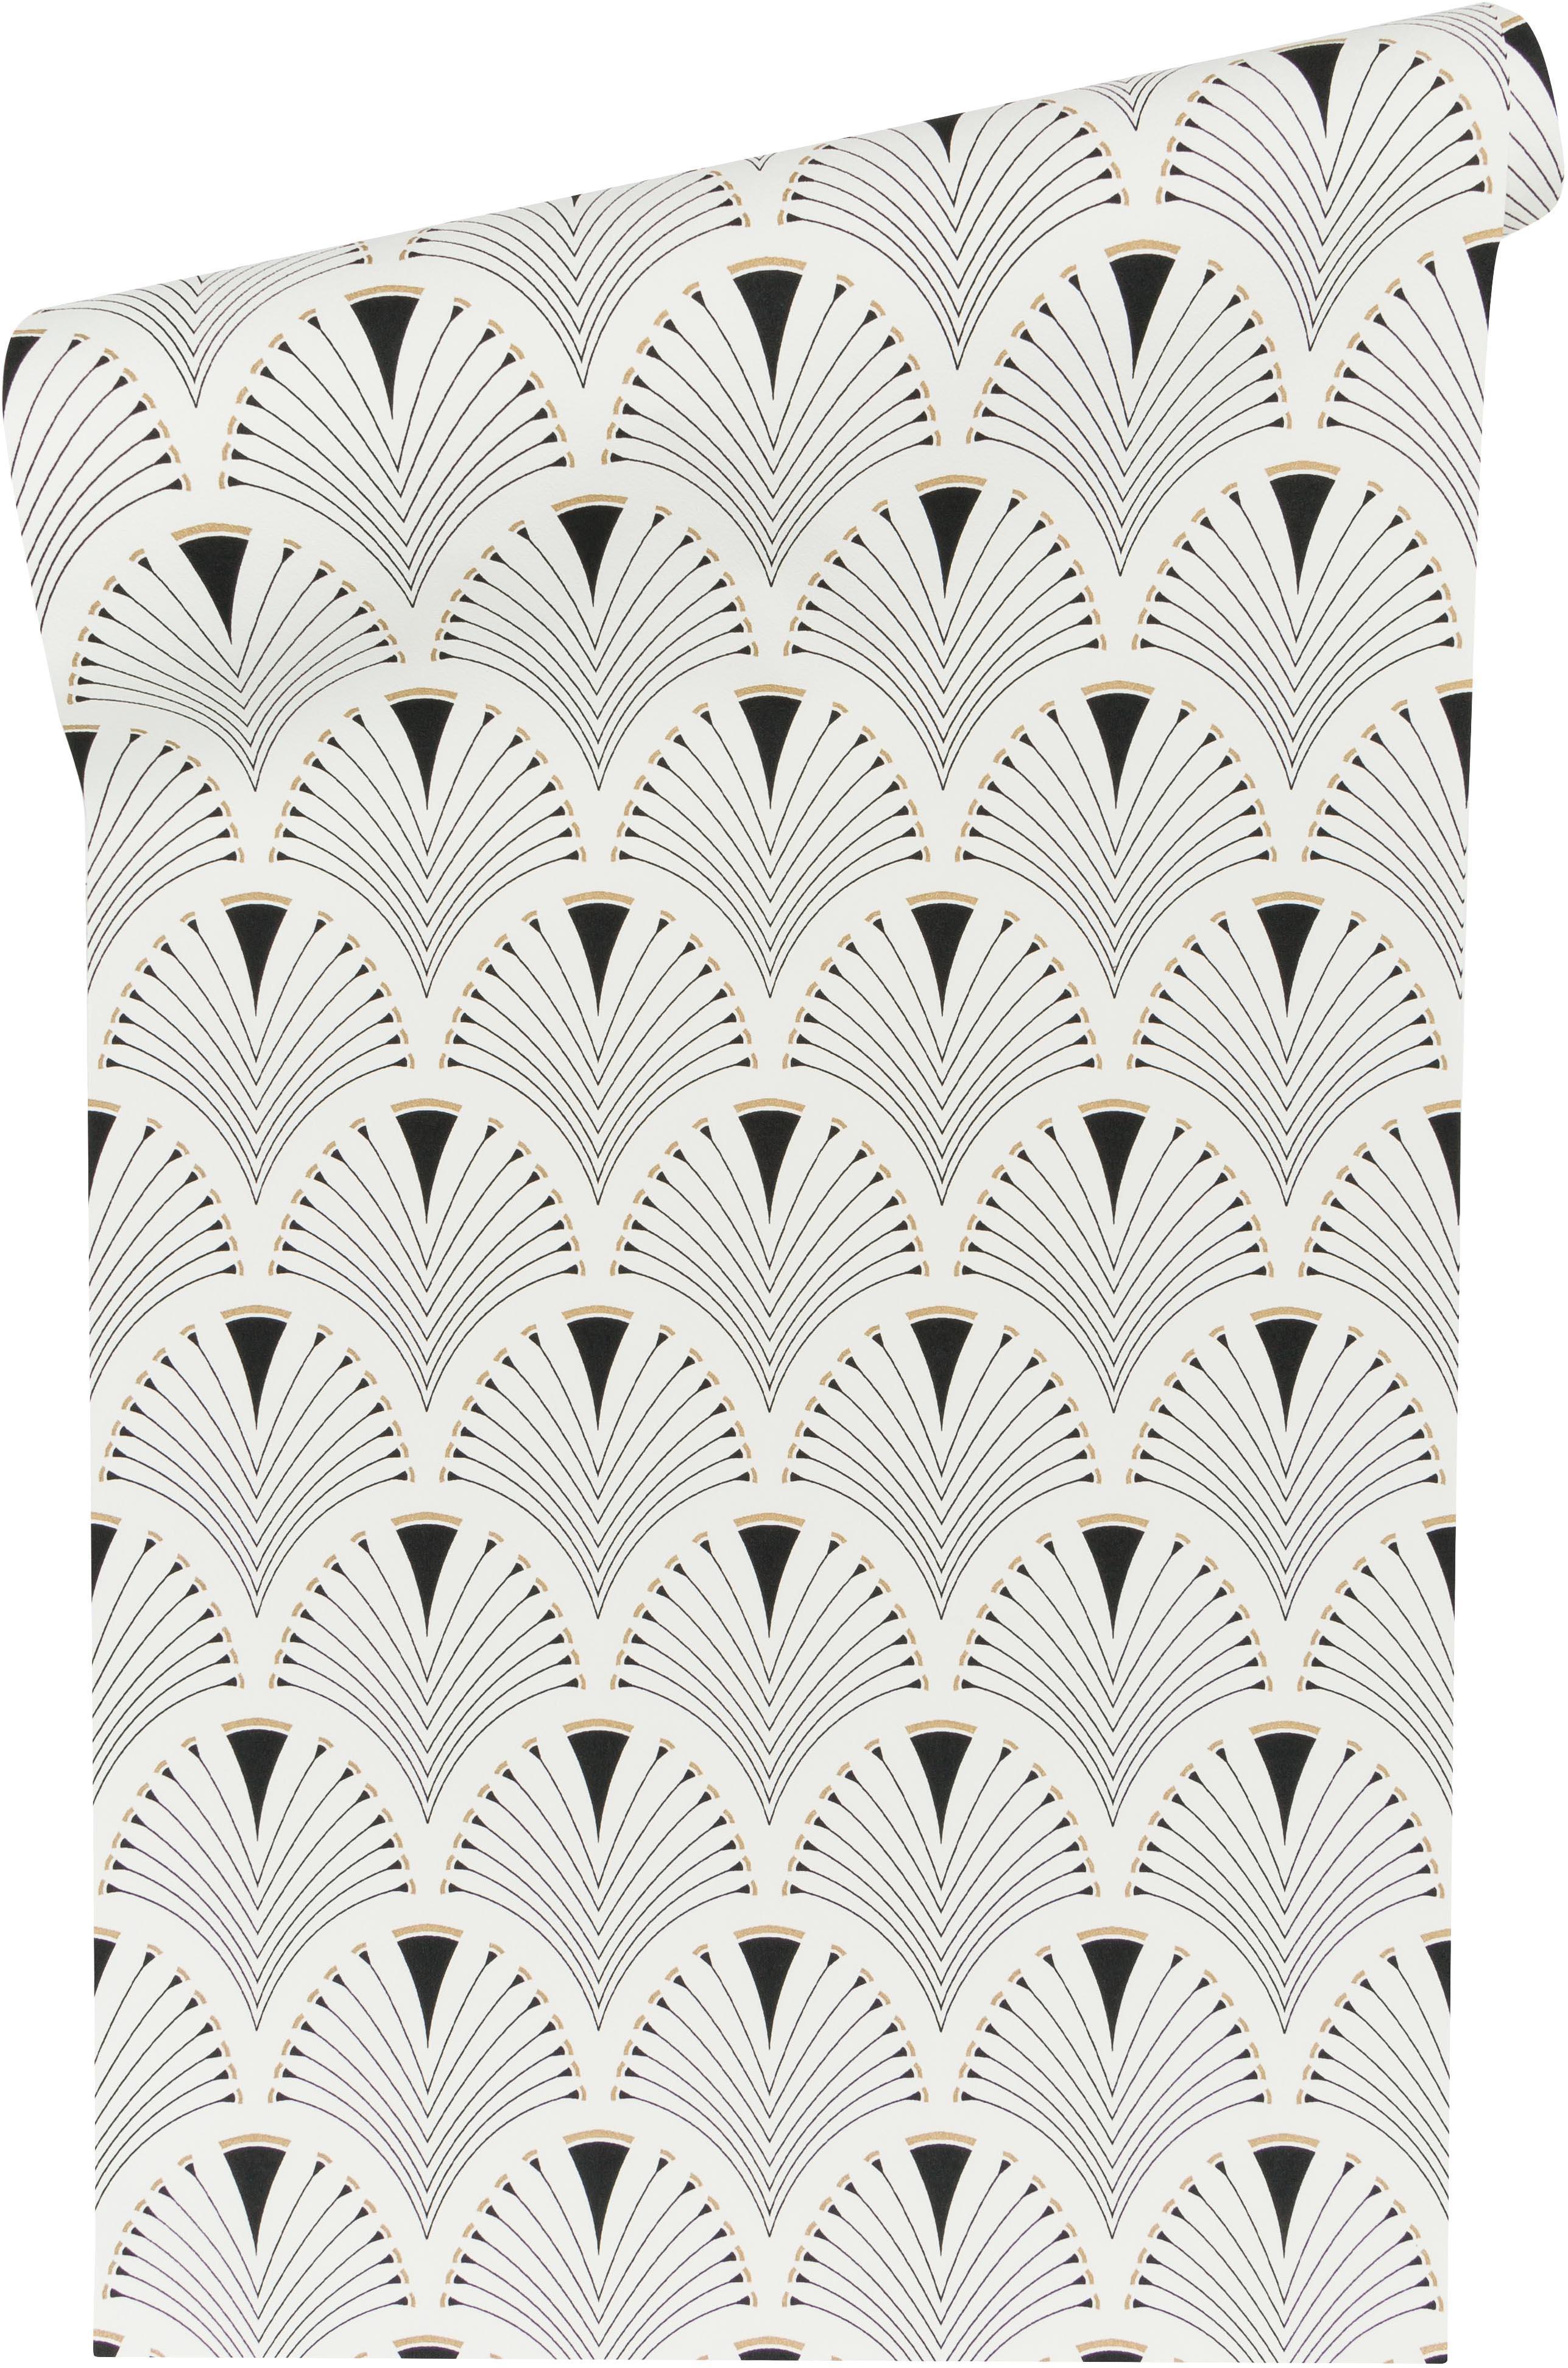 Behang Peacock, Vlies, Wit, zwart, goudkleurig, glanzend, 53 x 1005 cm